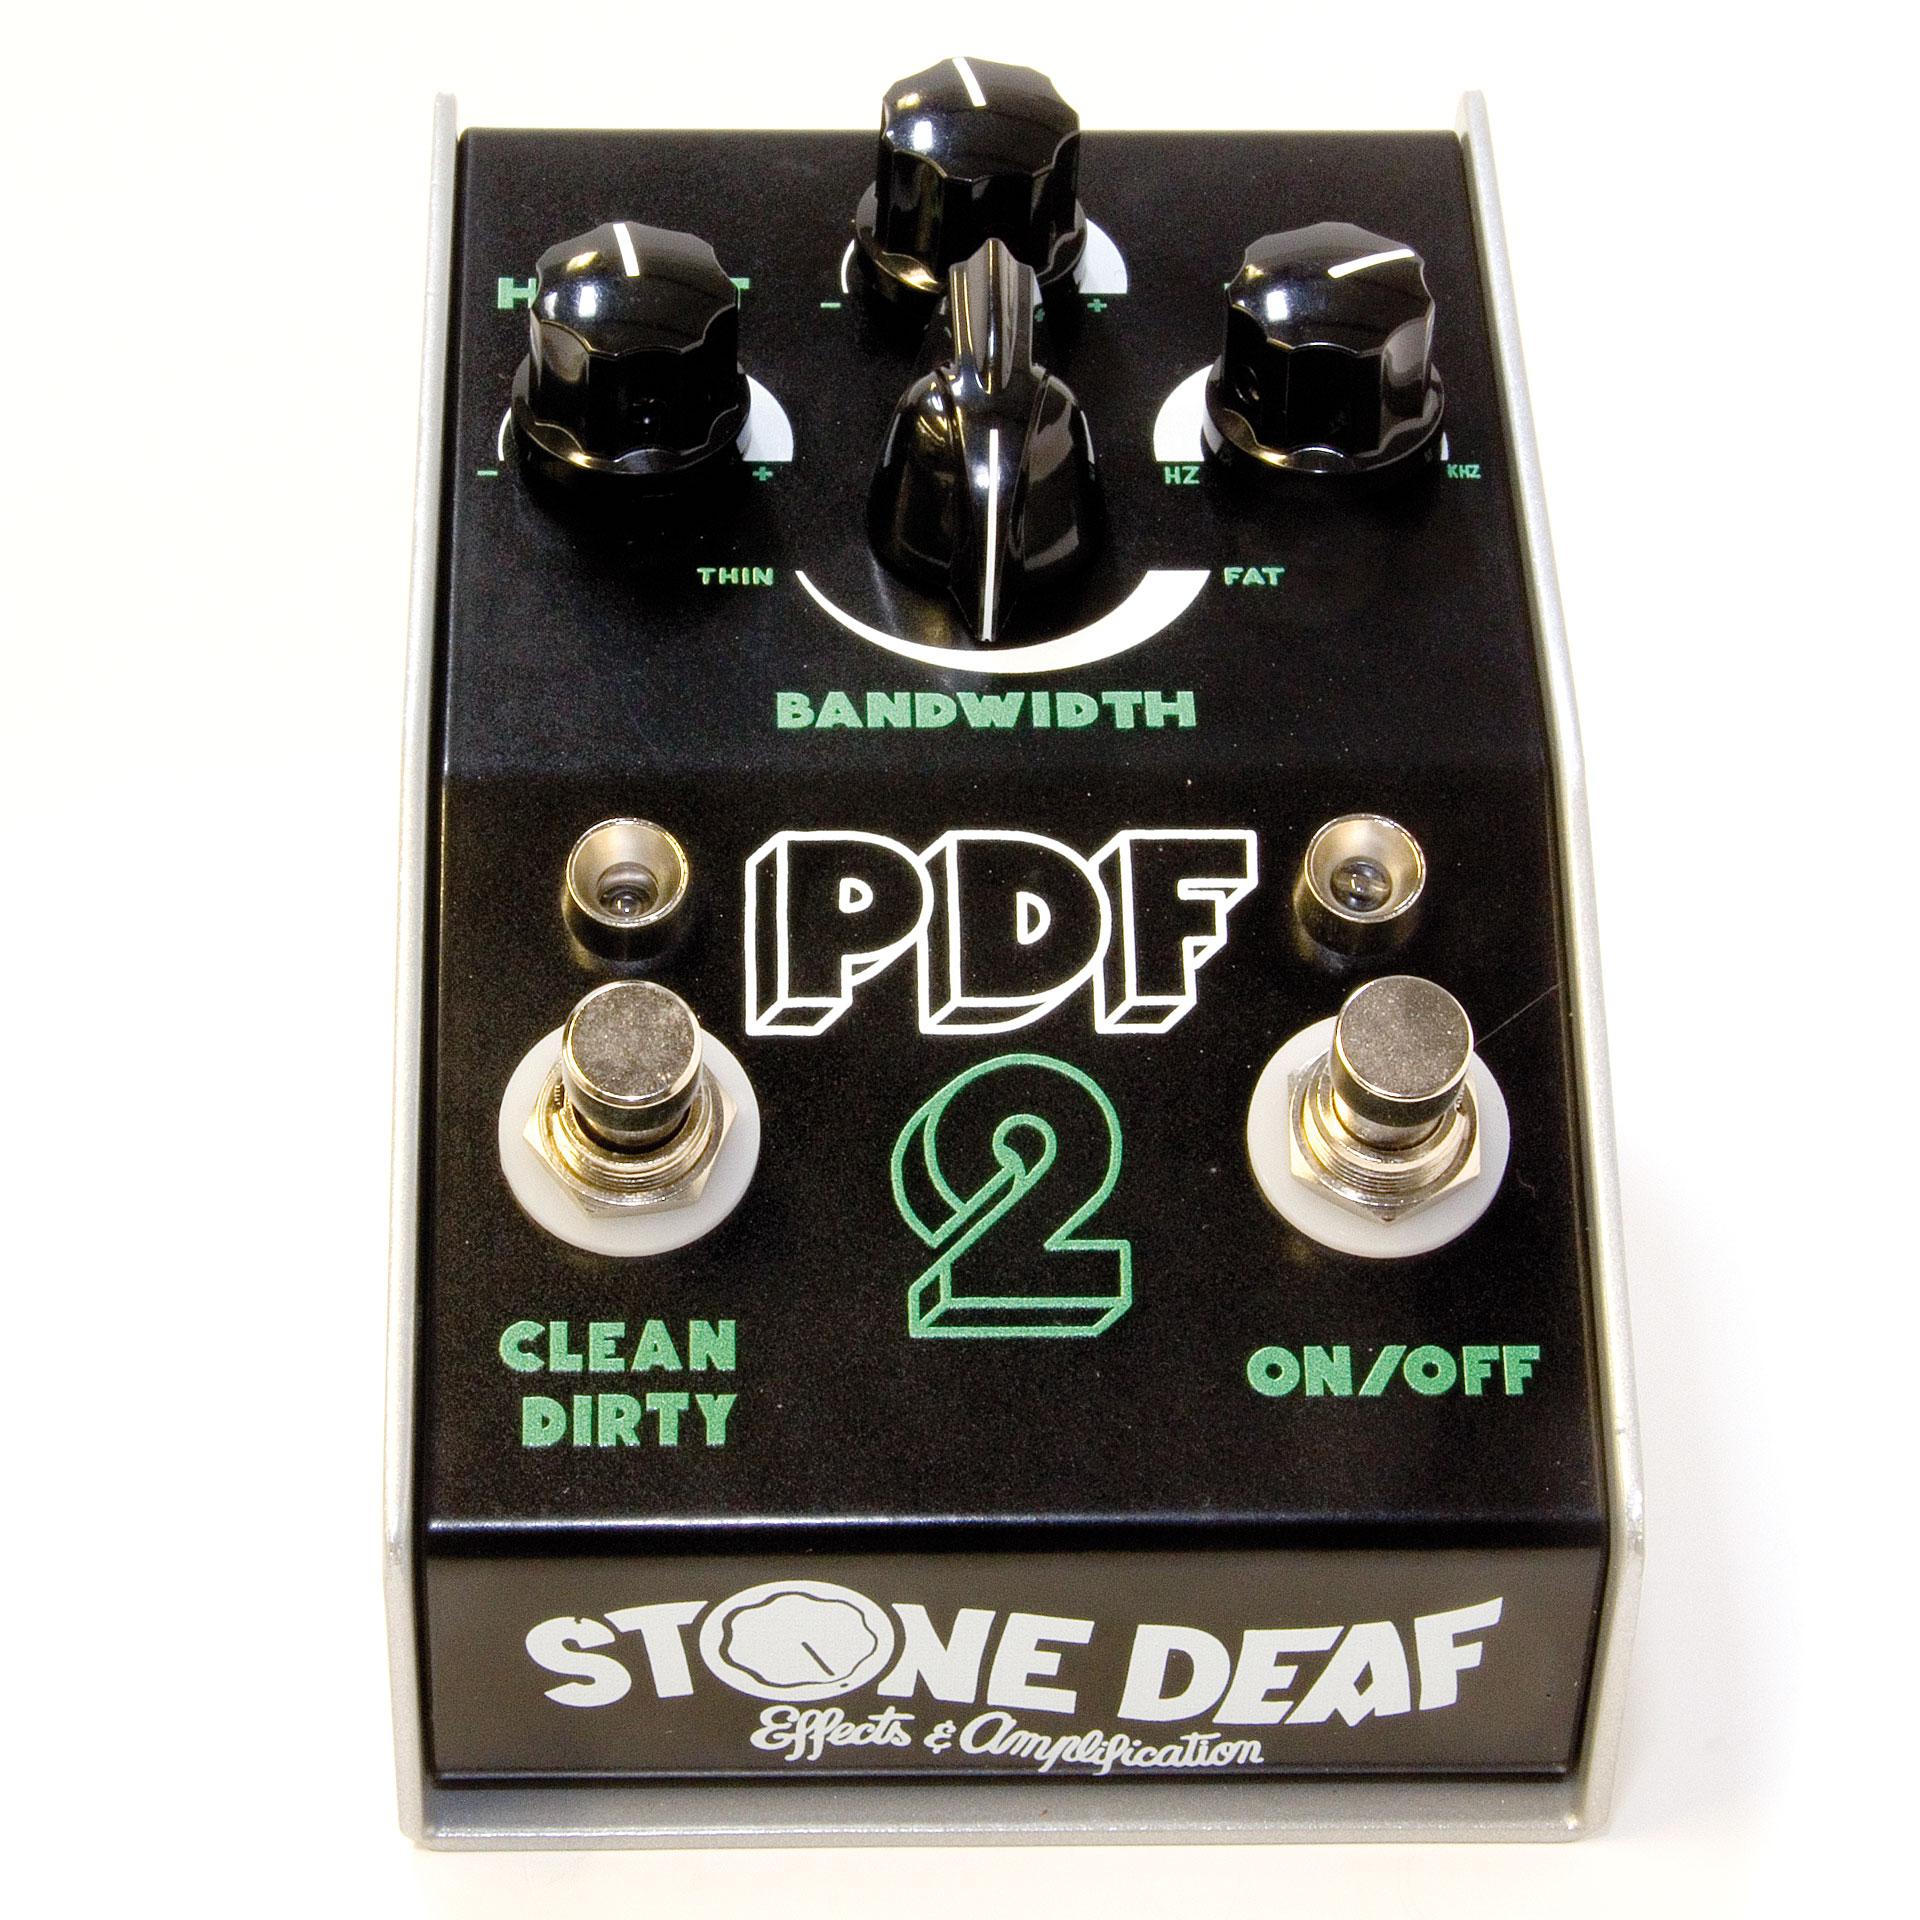 stone deaf pdf 2 guitar effect musik produktiv. Black Bedroom Furniture Sets. Home Design Ideas